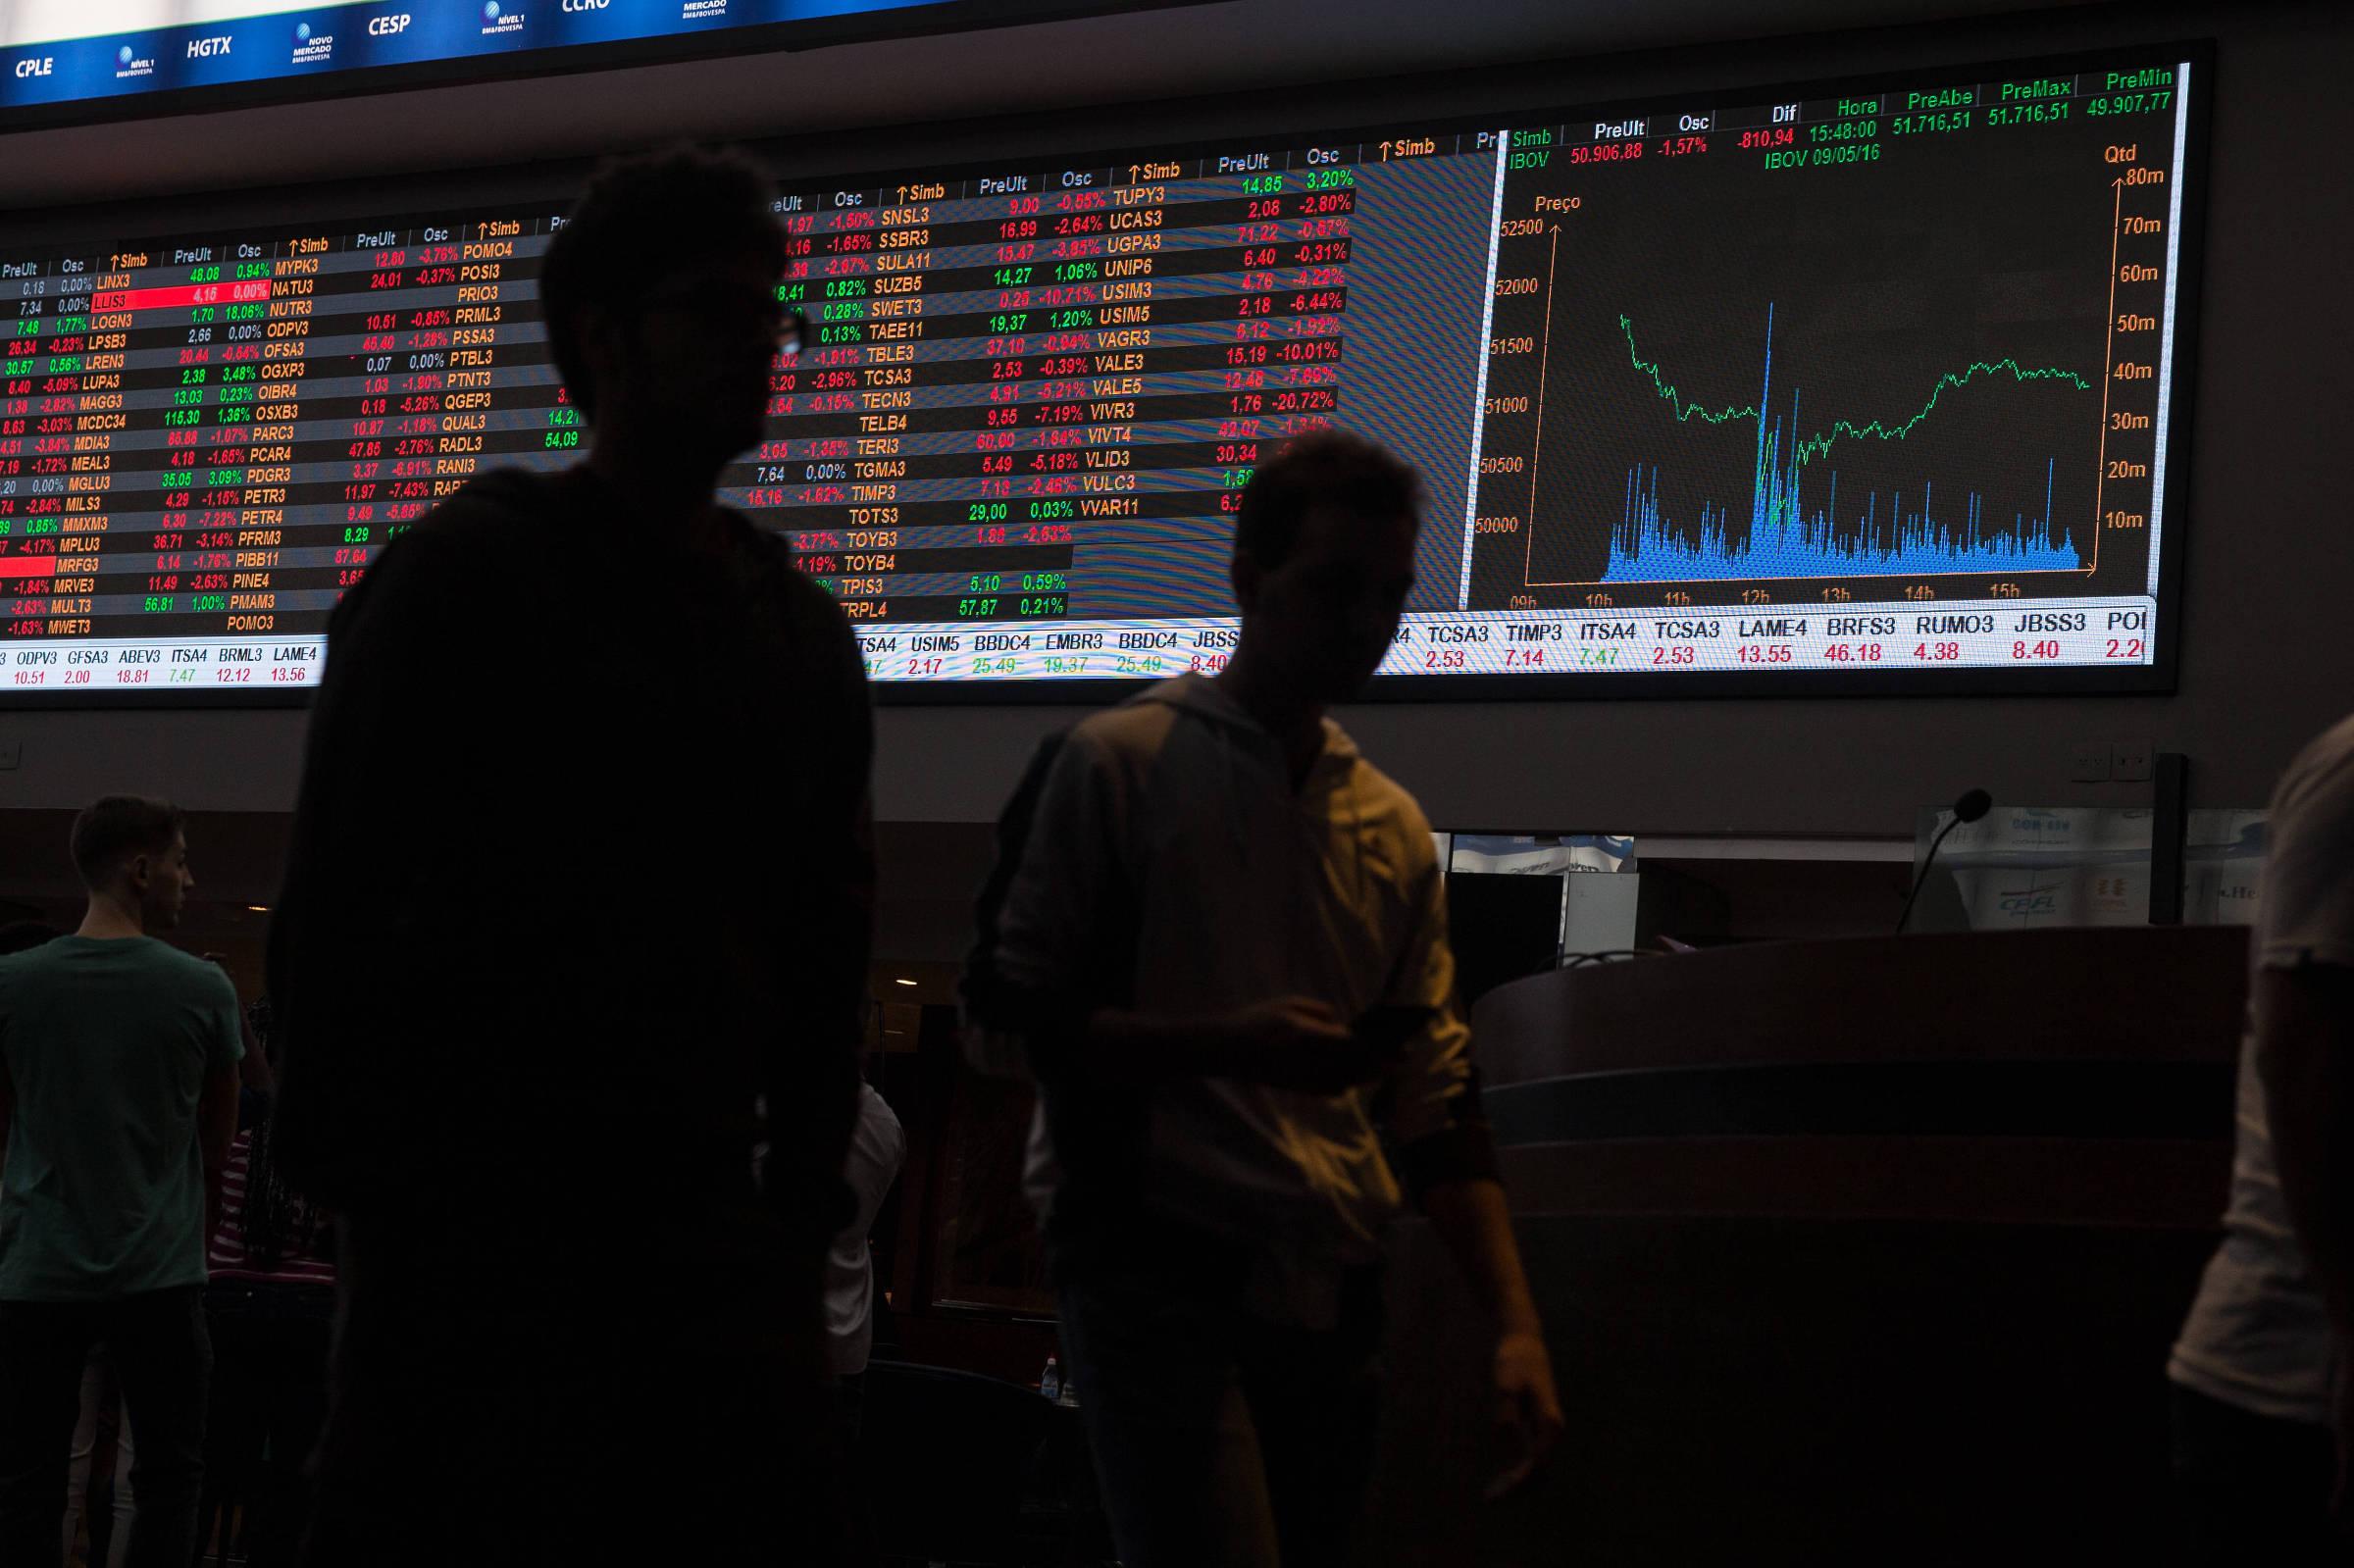 Bolsa tem segunda semana seguida de queda pela primeira vez desde setembro